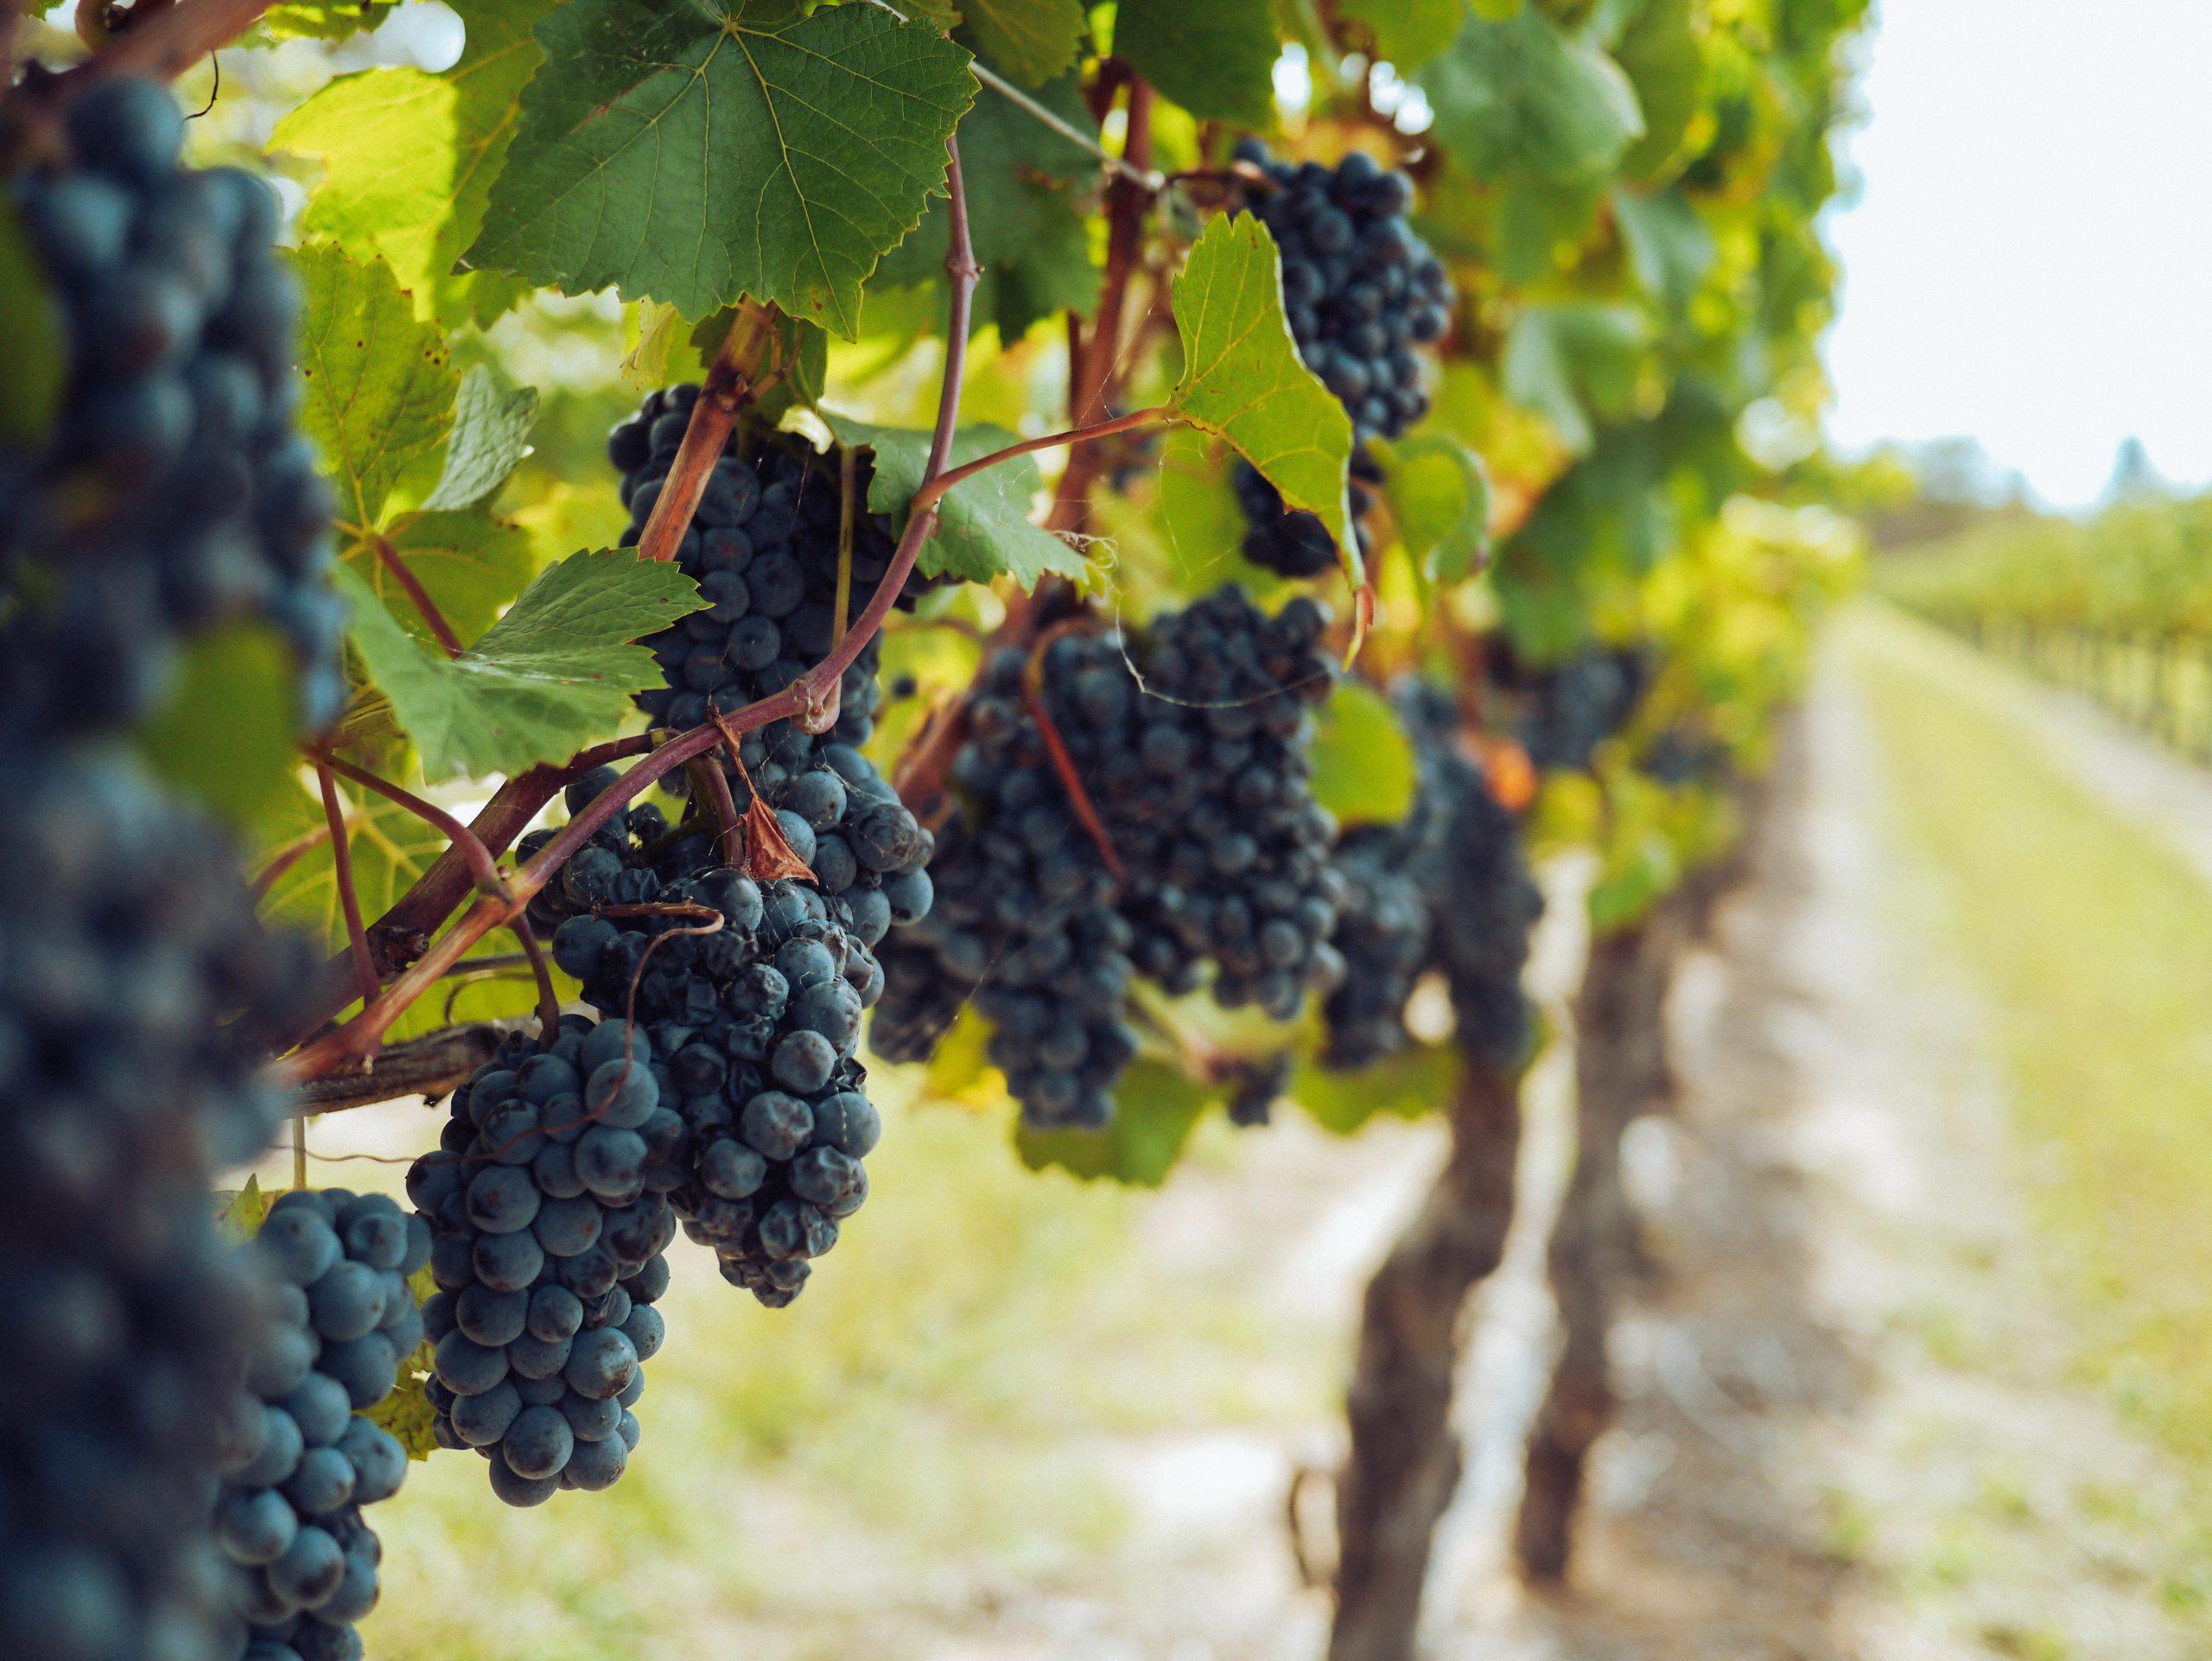 Dunkele Weintrauben hängen von Weinreben herunter.